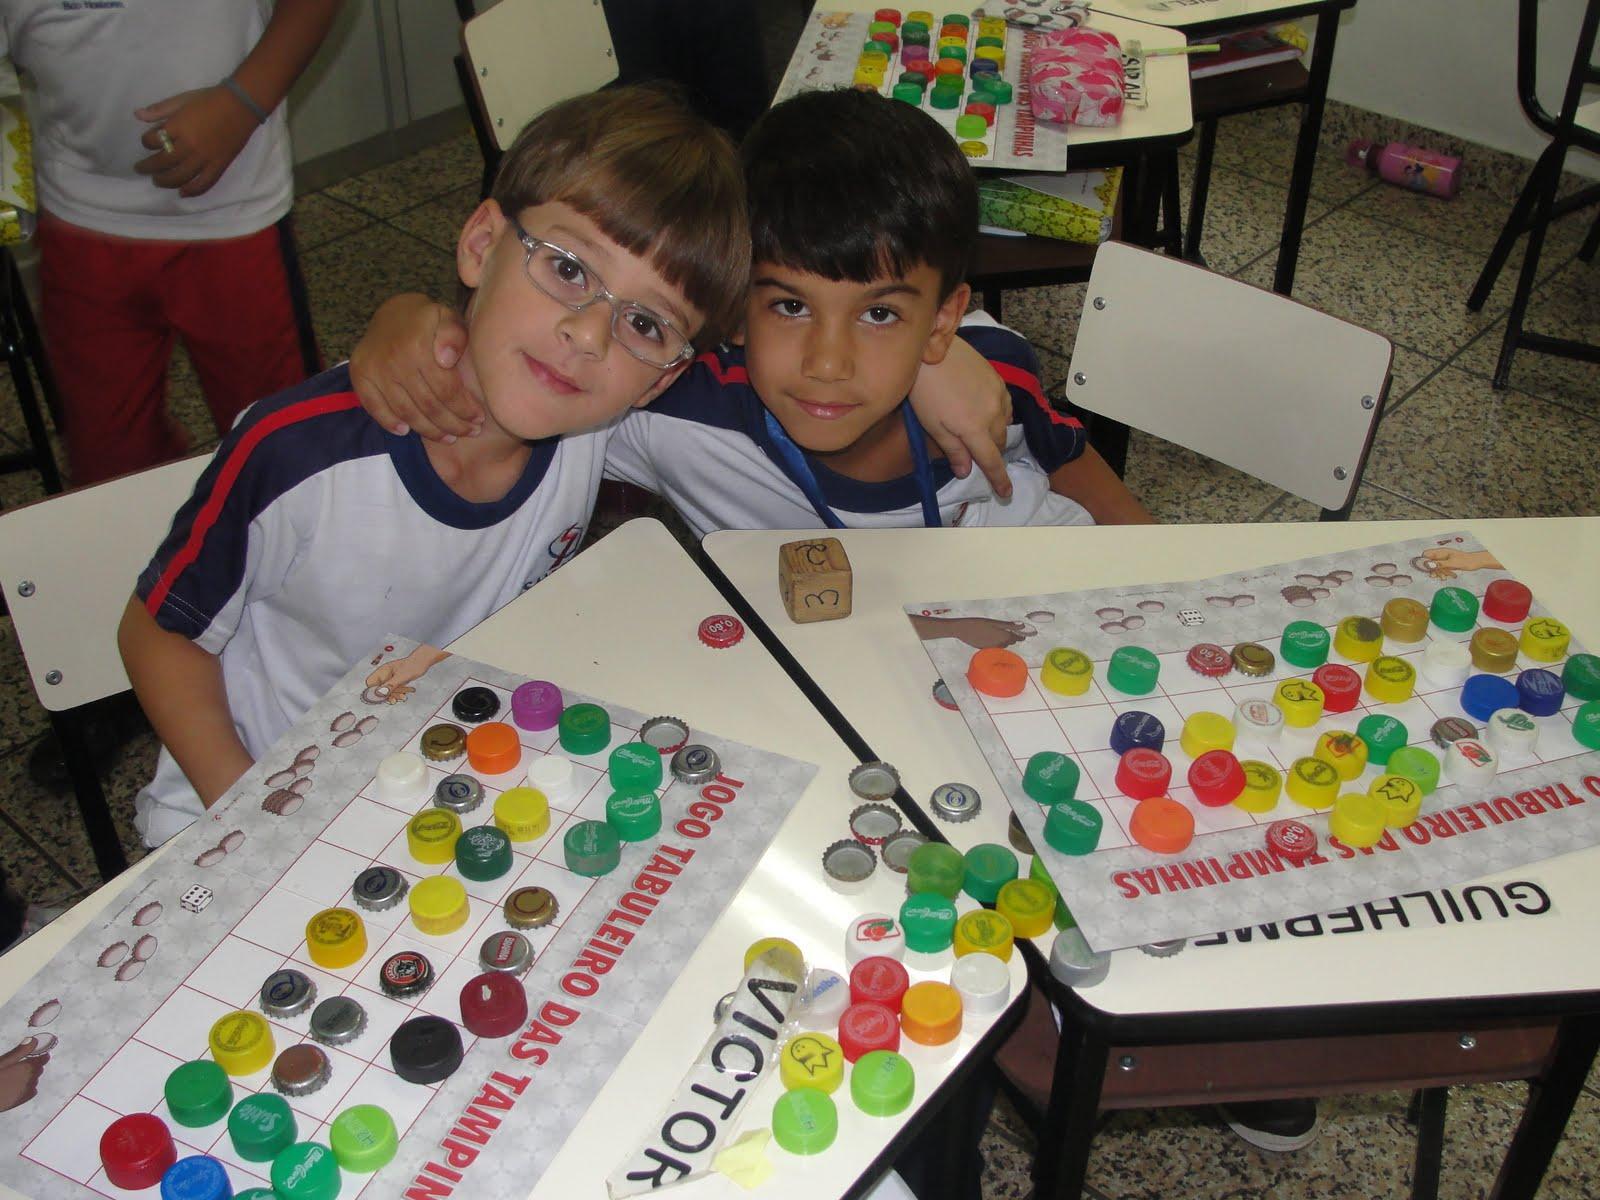 EDUCAÇÃO INFANTIL COLÉGIO  SIANO BH: JOGOS MATEMÁTICOS #AB8120 1600 1200